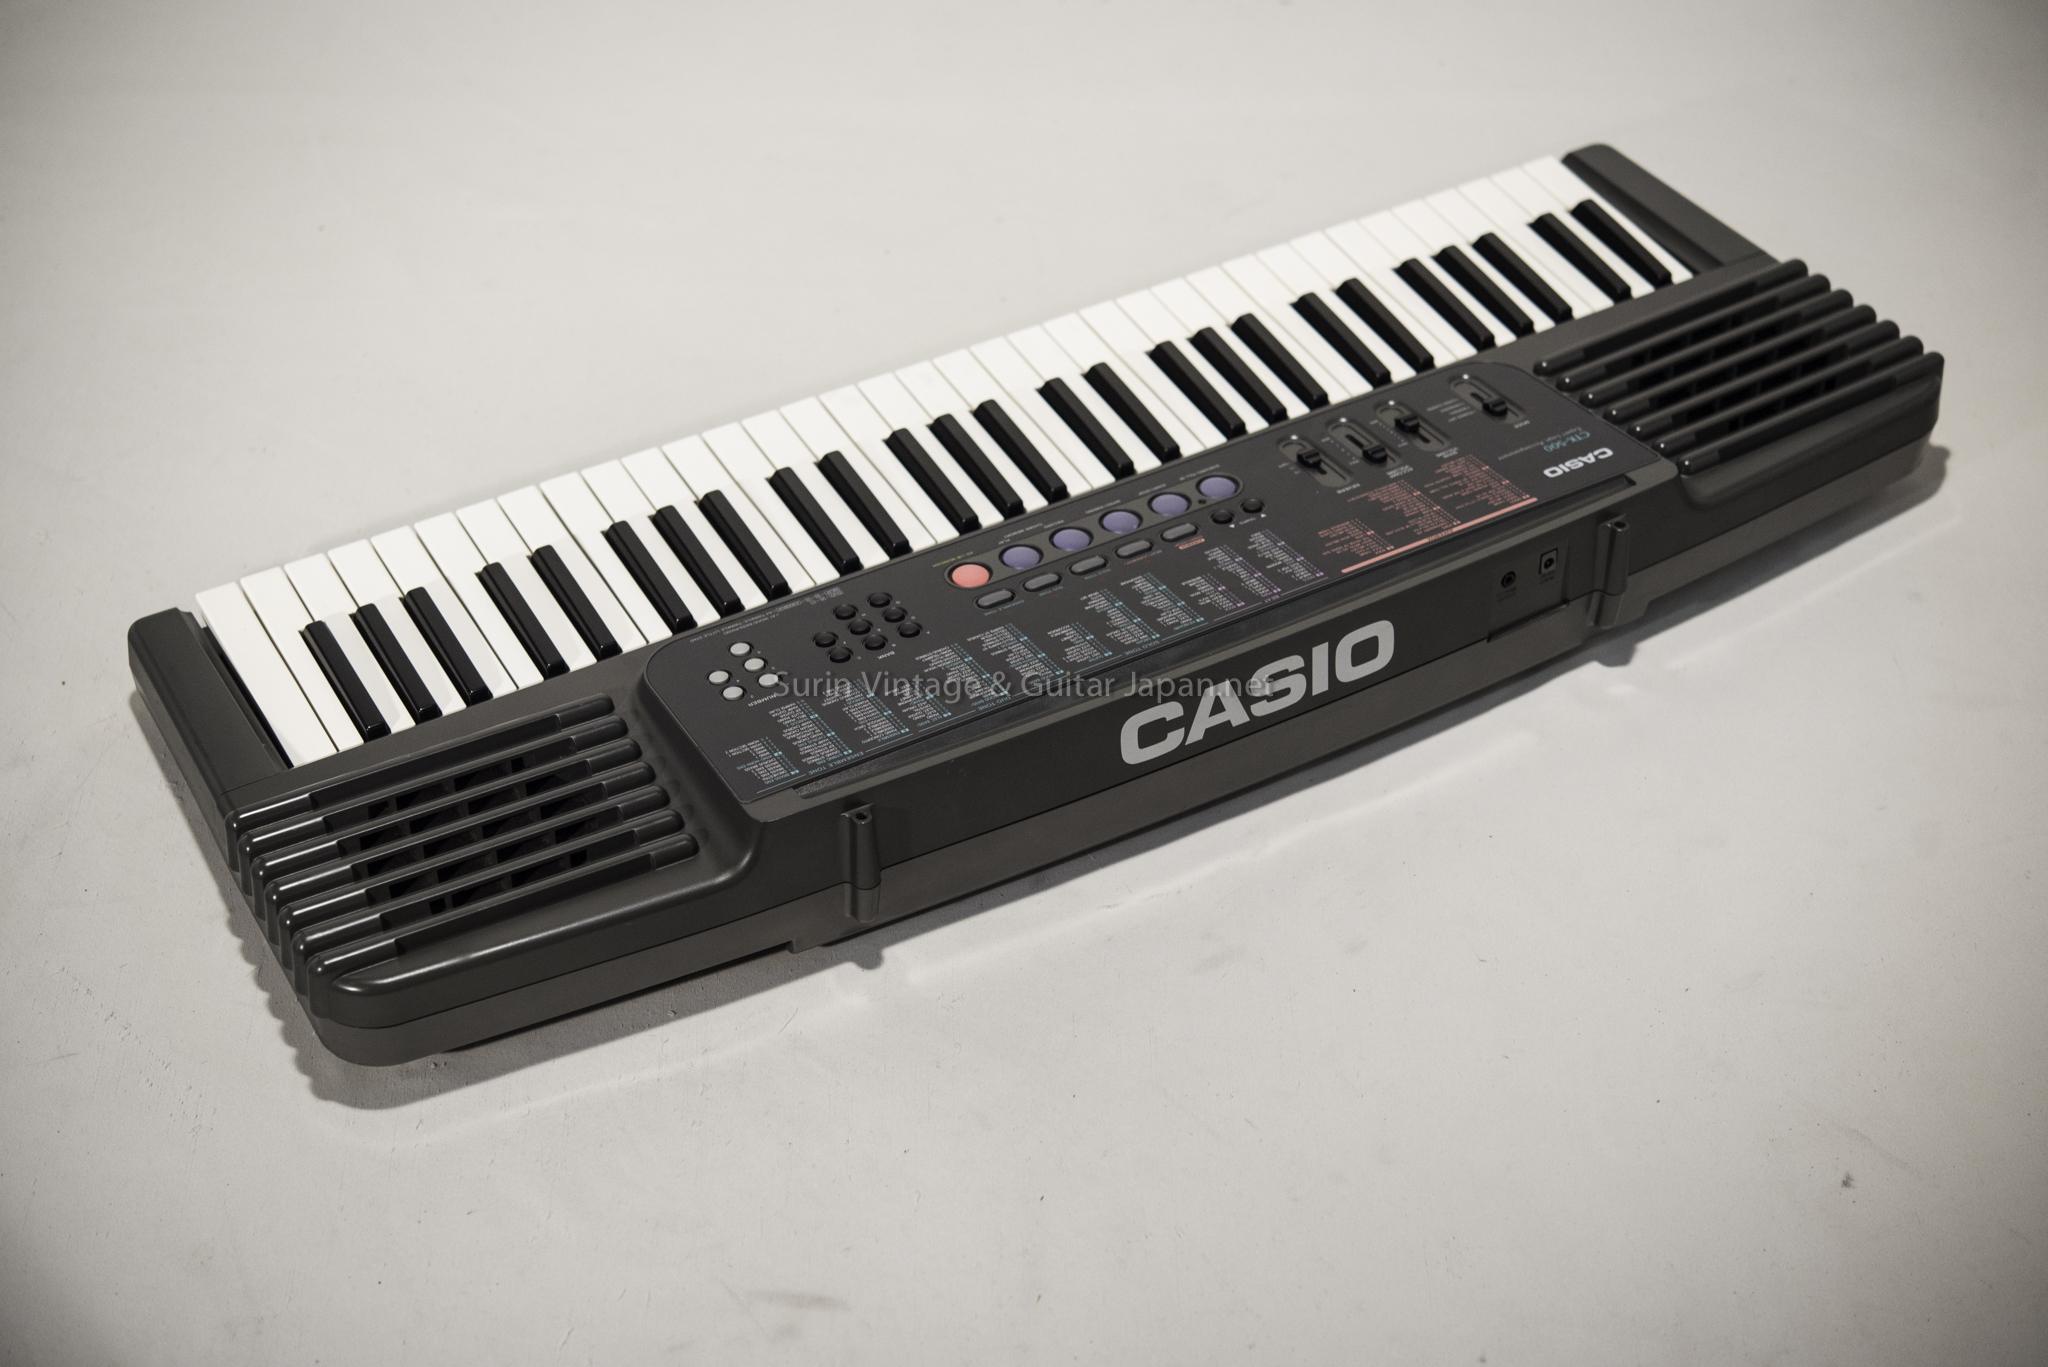 คีย์บอร์ดมือสอง CASIO CTK-500